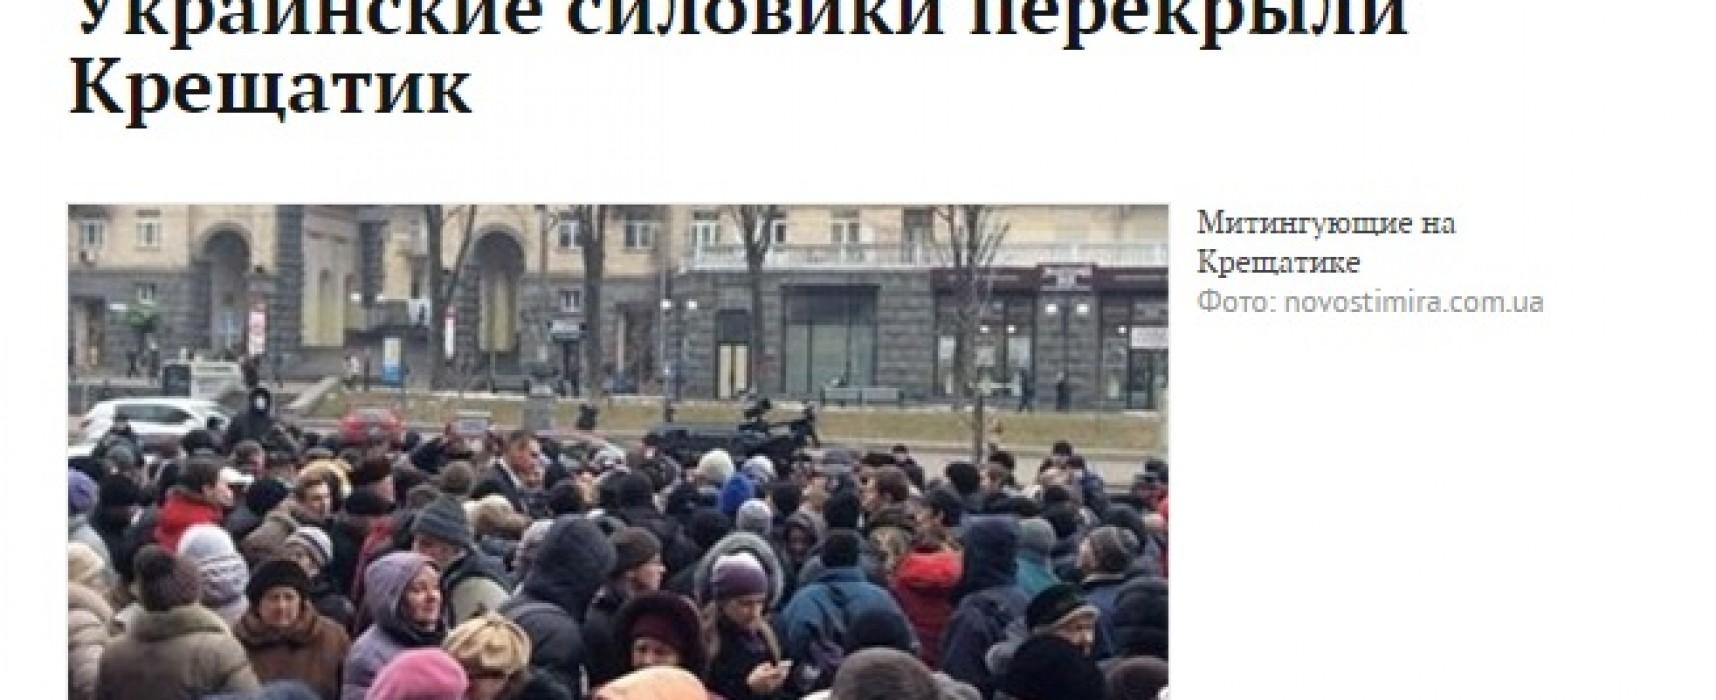 Фейк: Около 500 украинских силовиков перекрывали Крещатик в Киеве